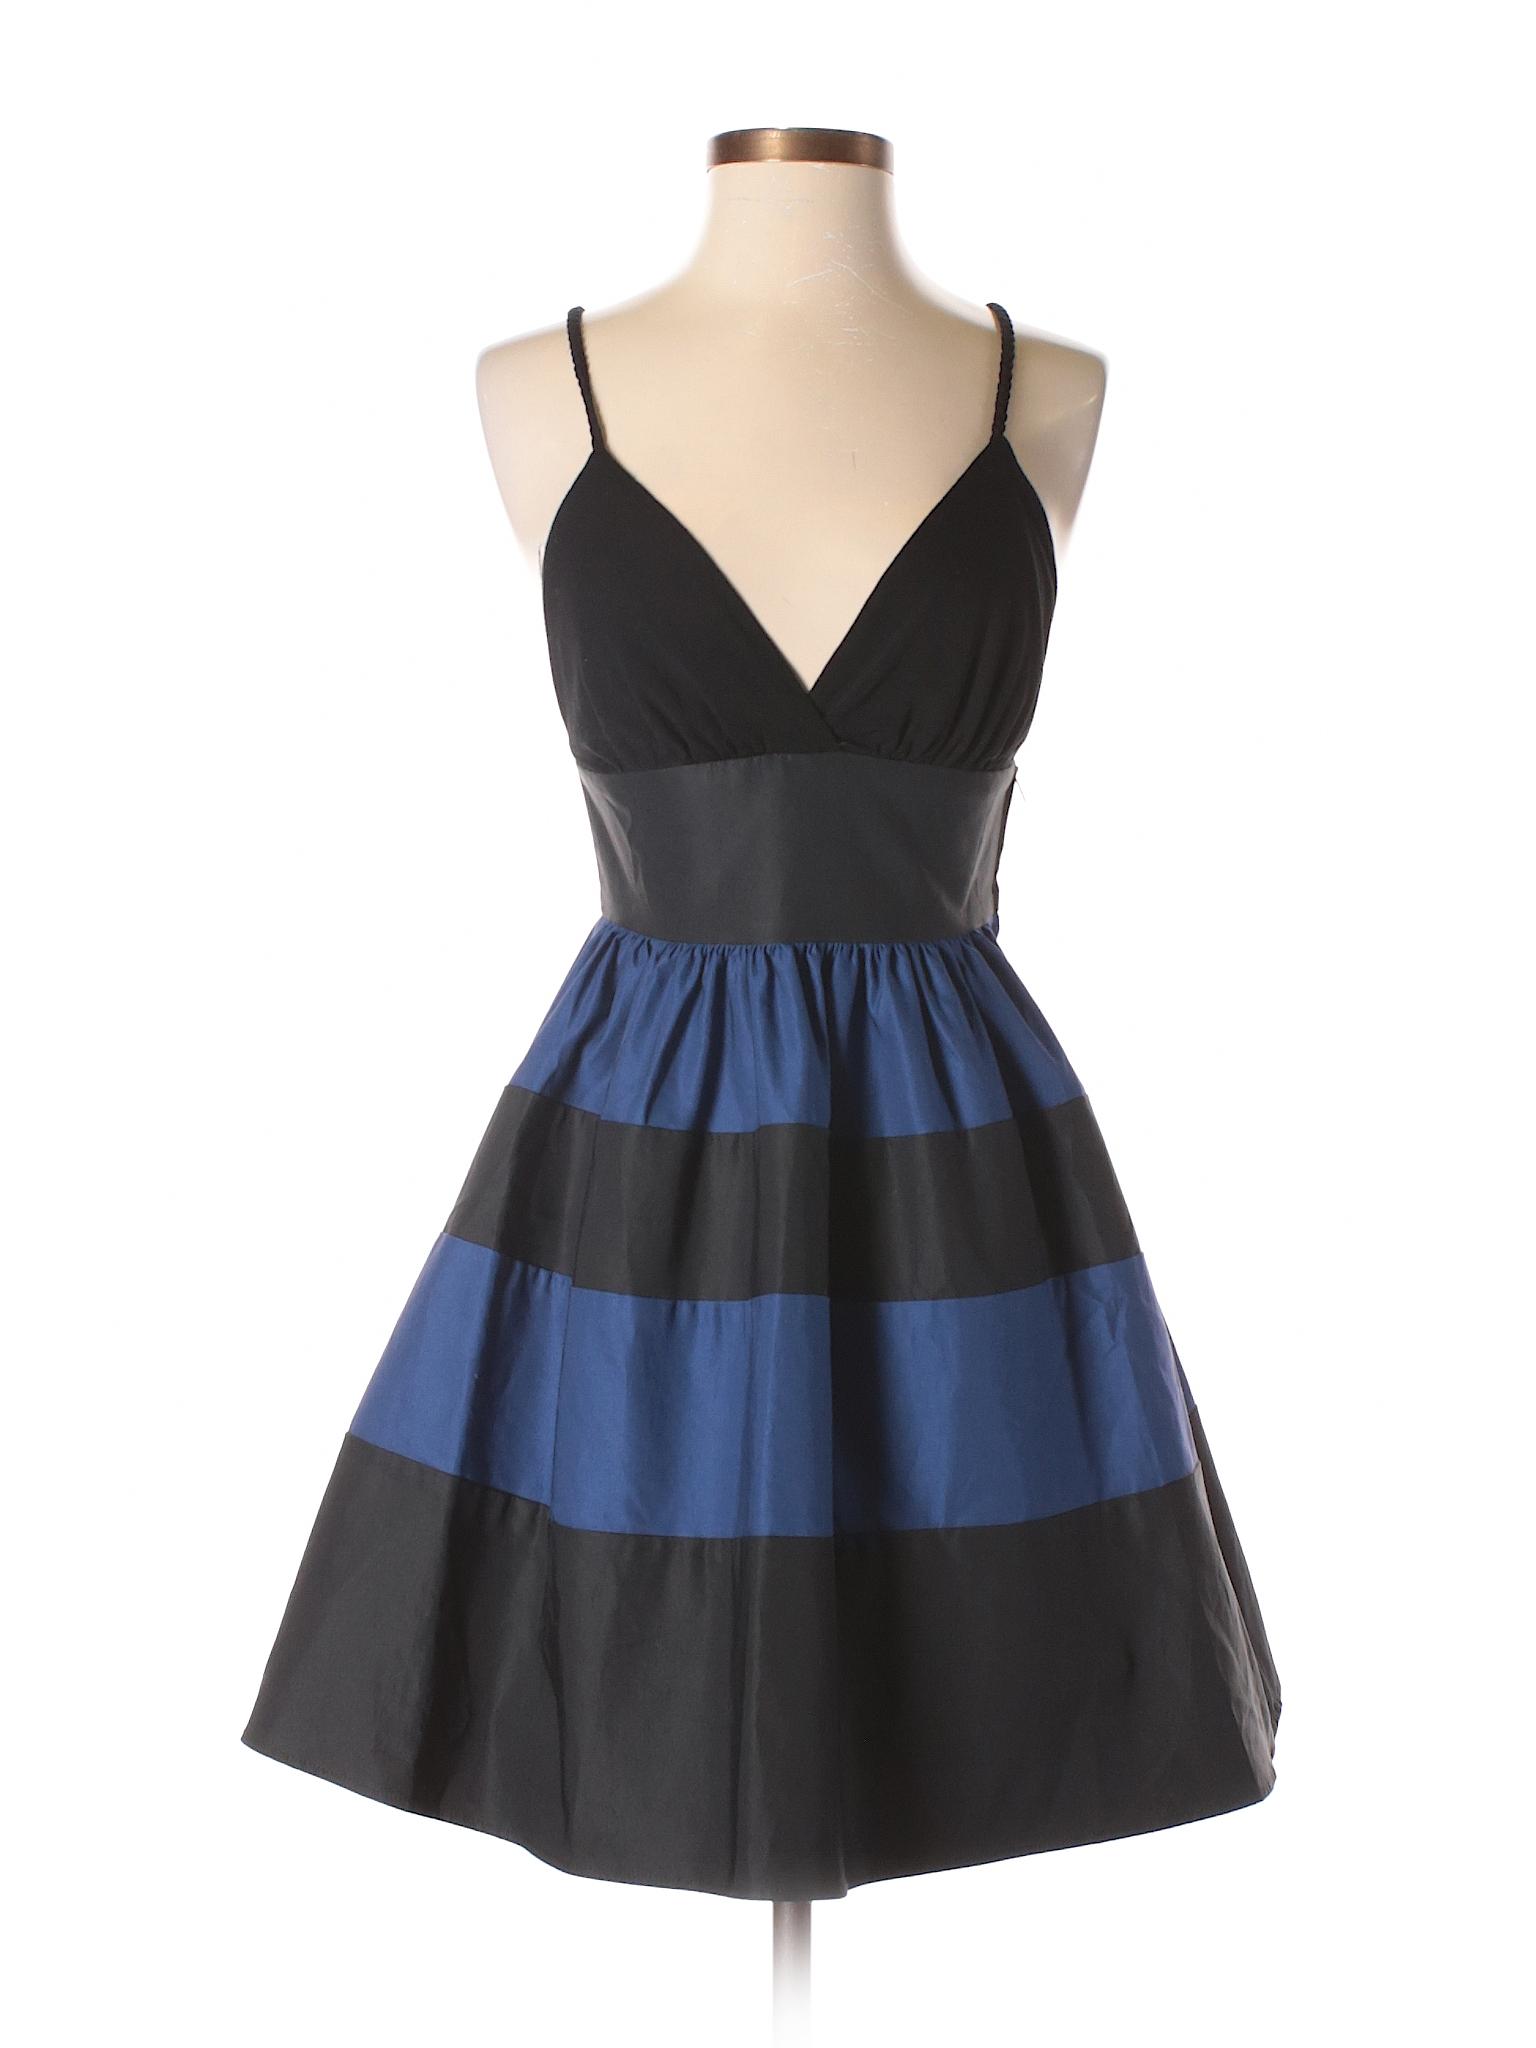 Joy Casual Dress Boutique by winter VOOM Han Xwxpptnqf